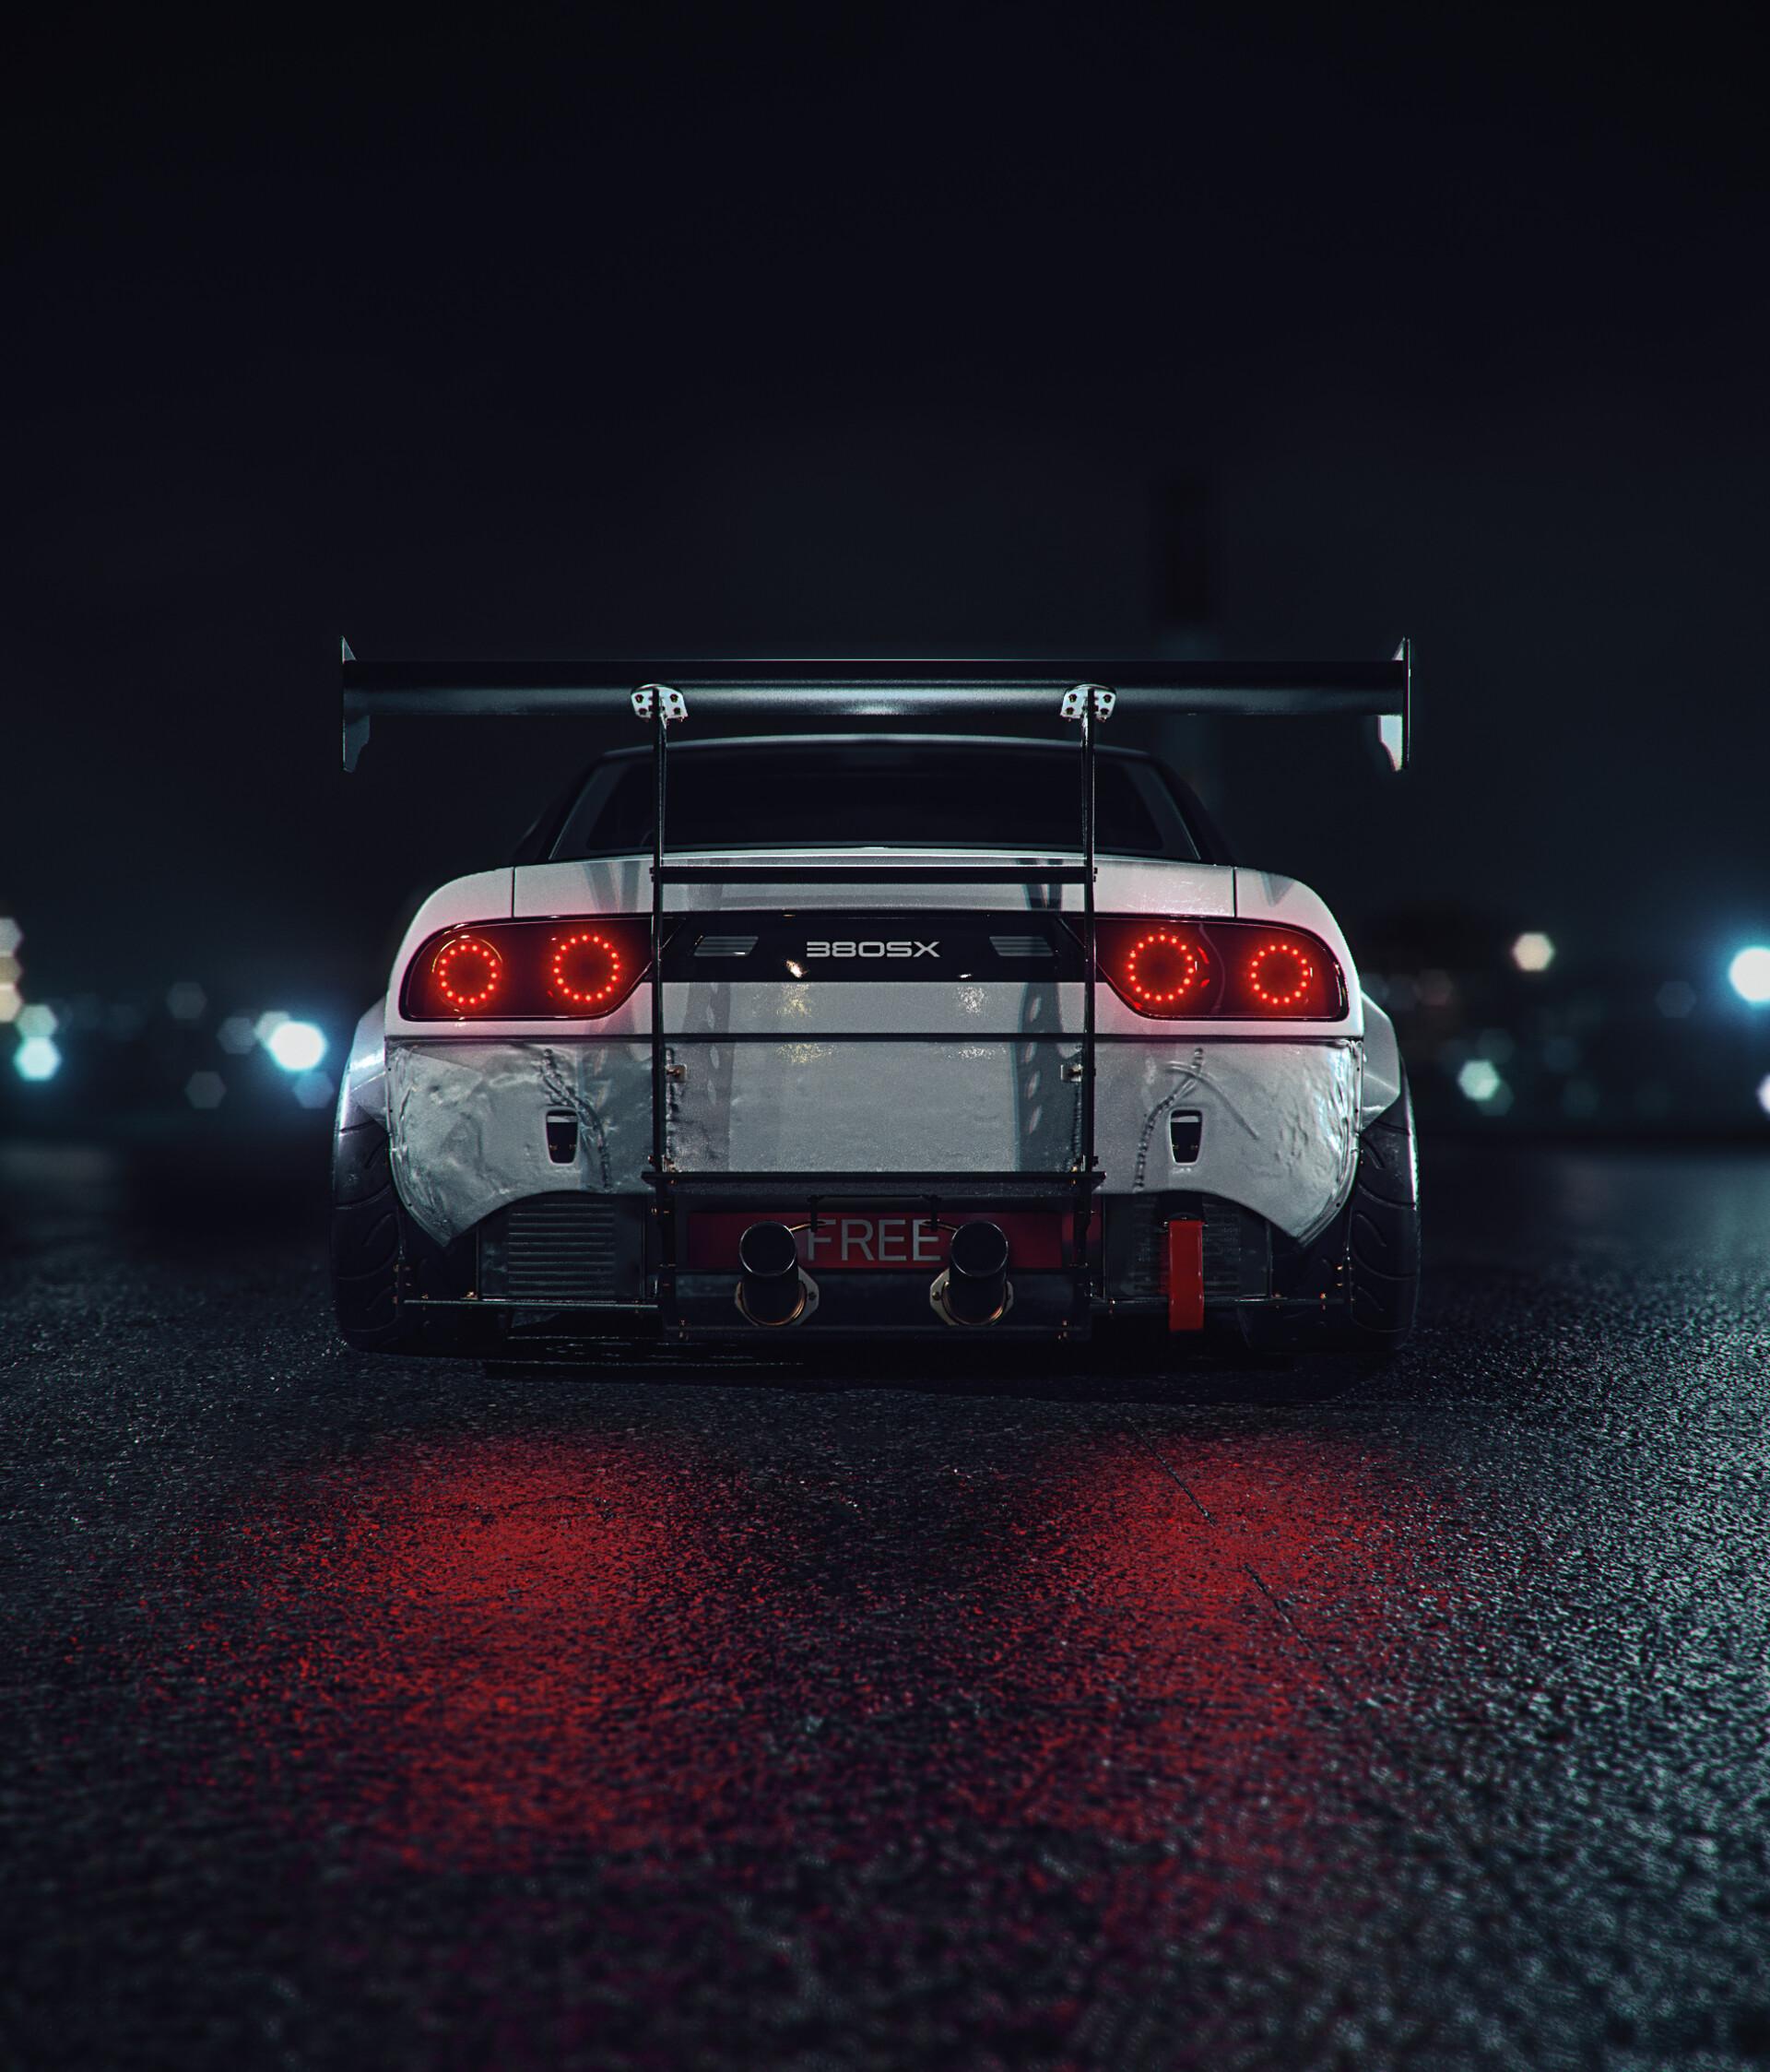 98661 Hintergrundbild herunterladen Sport, Auto, Übernachtung, Cars, Maschine, Hintergrundbeleuchtung, Beleuchtung, Sportwagen, Rückansicht - Bildschirmschoner und Bilder kostenlos